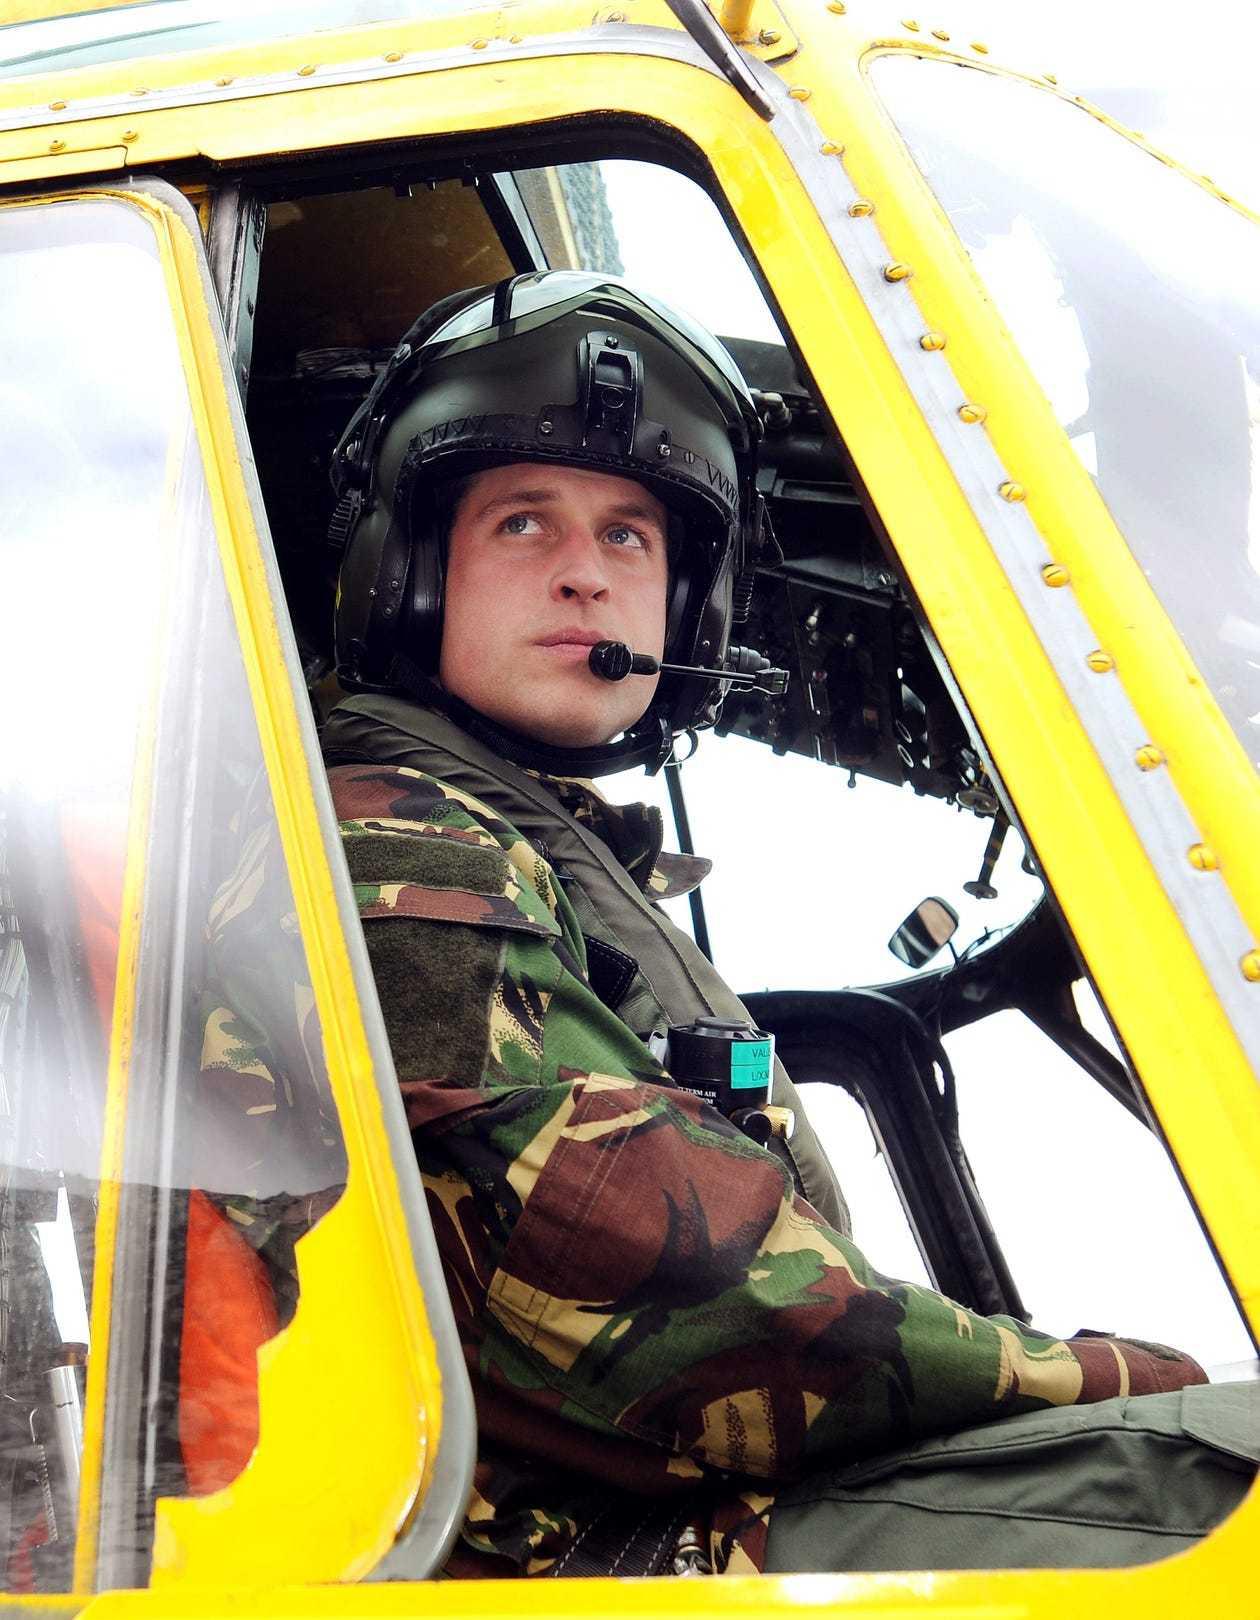 威廉王子本来就是在RAF飞搜救直升机的,从老头到小姑娘都救过